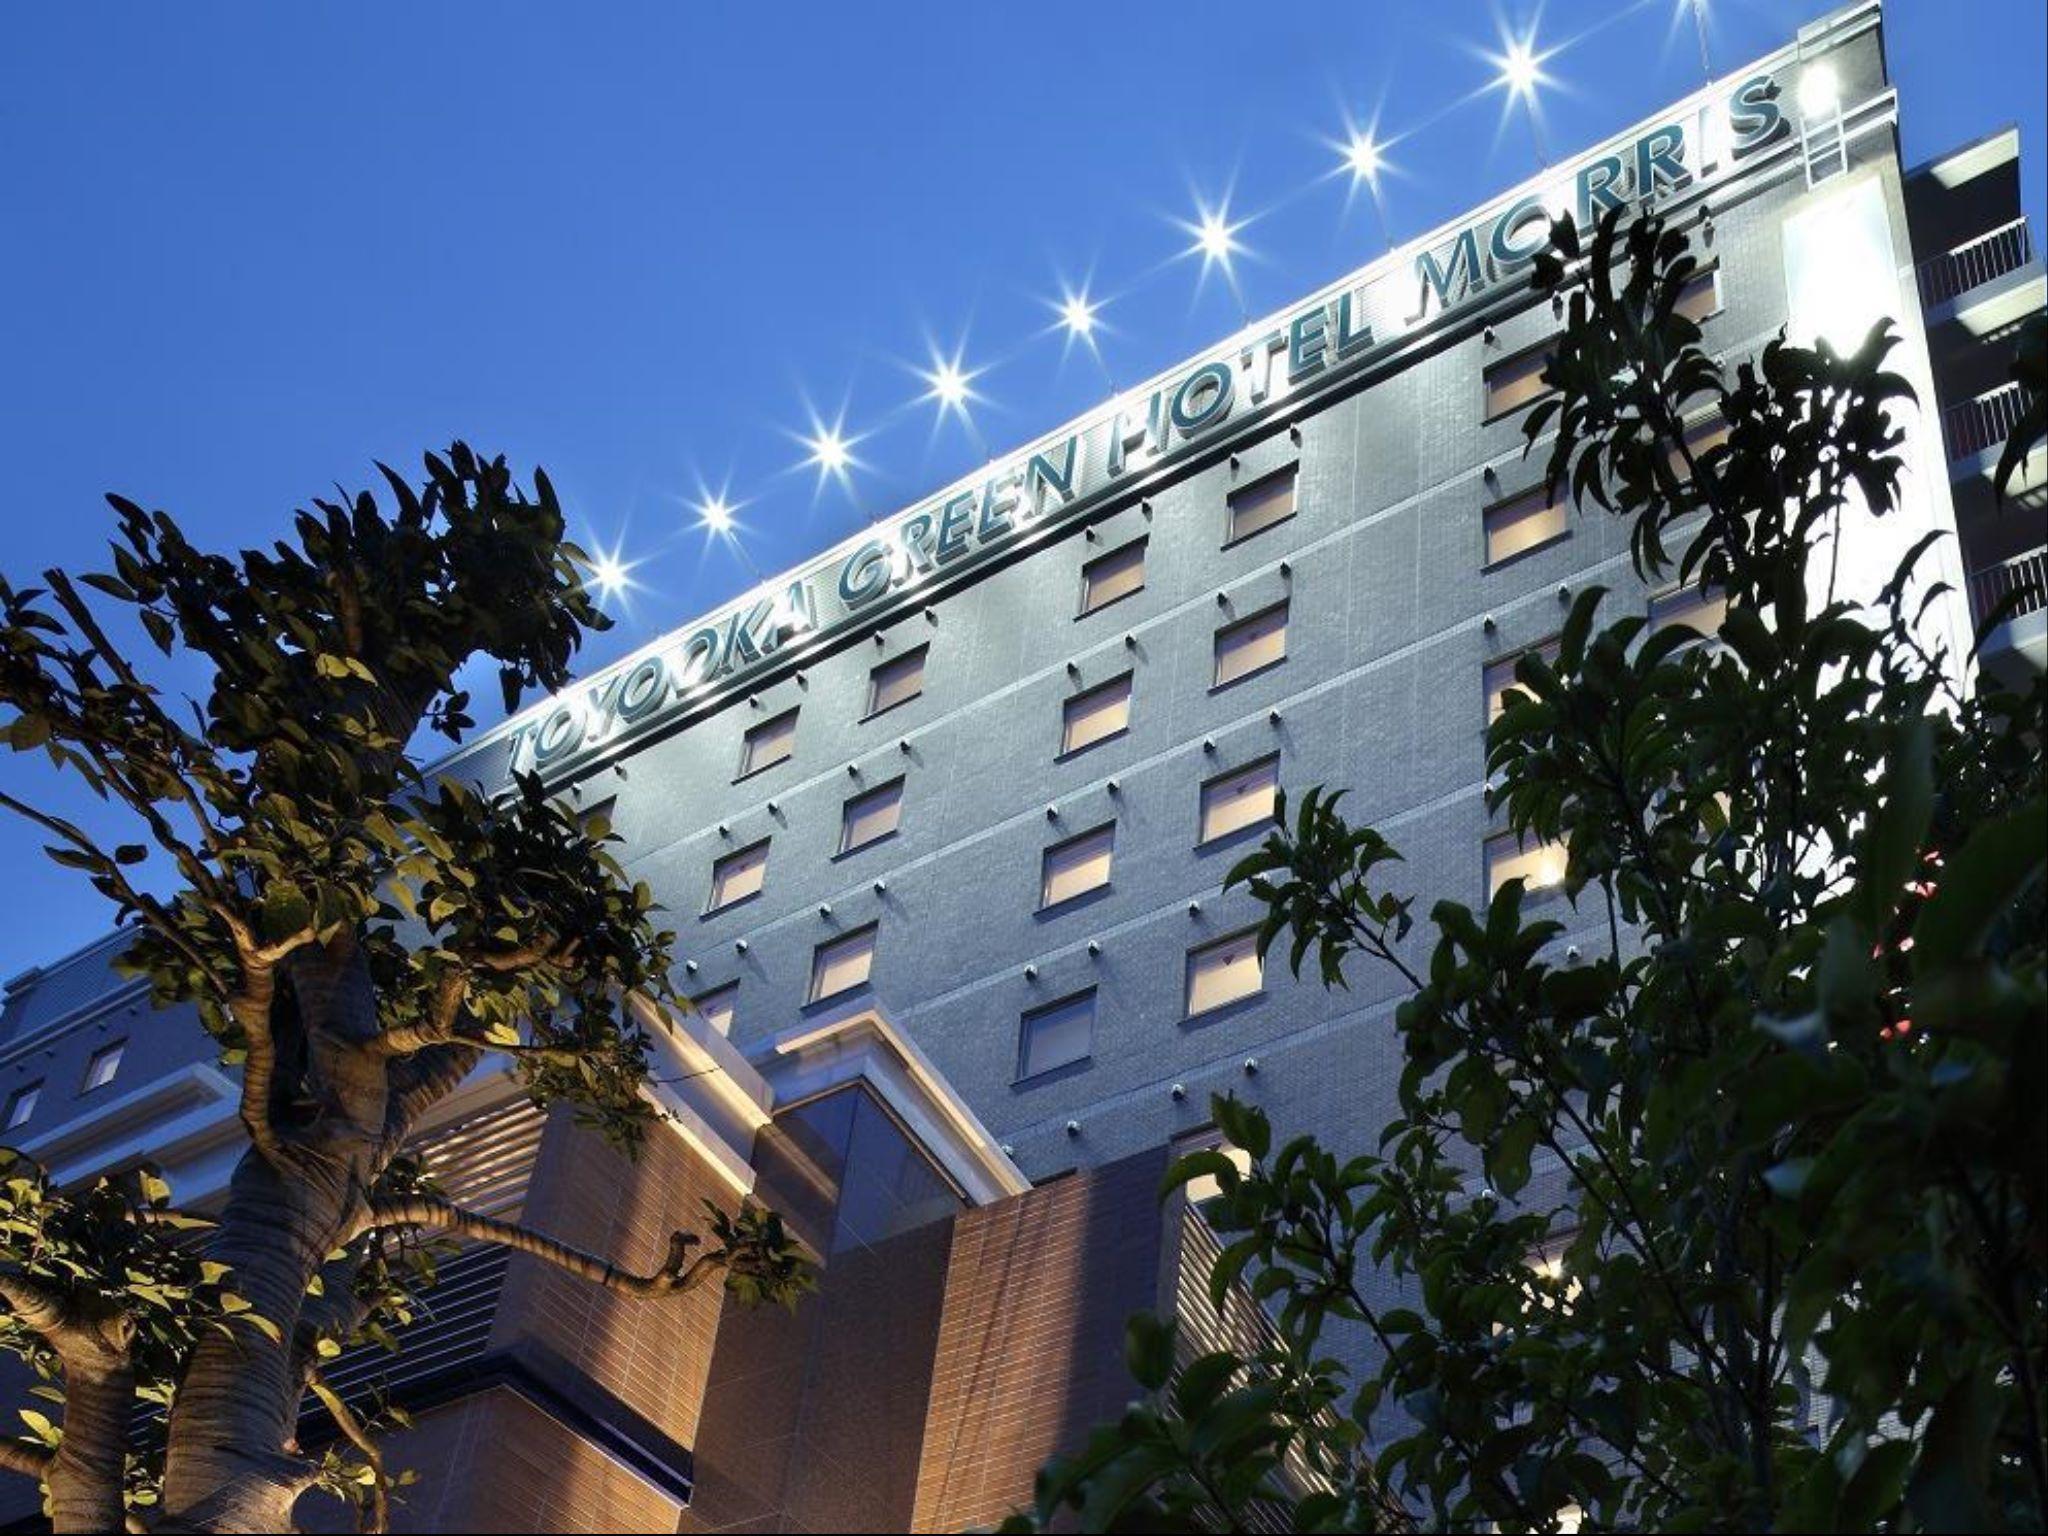 Toyooka Green Hotel Morris, Toyooka